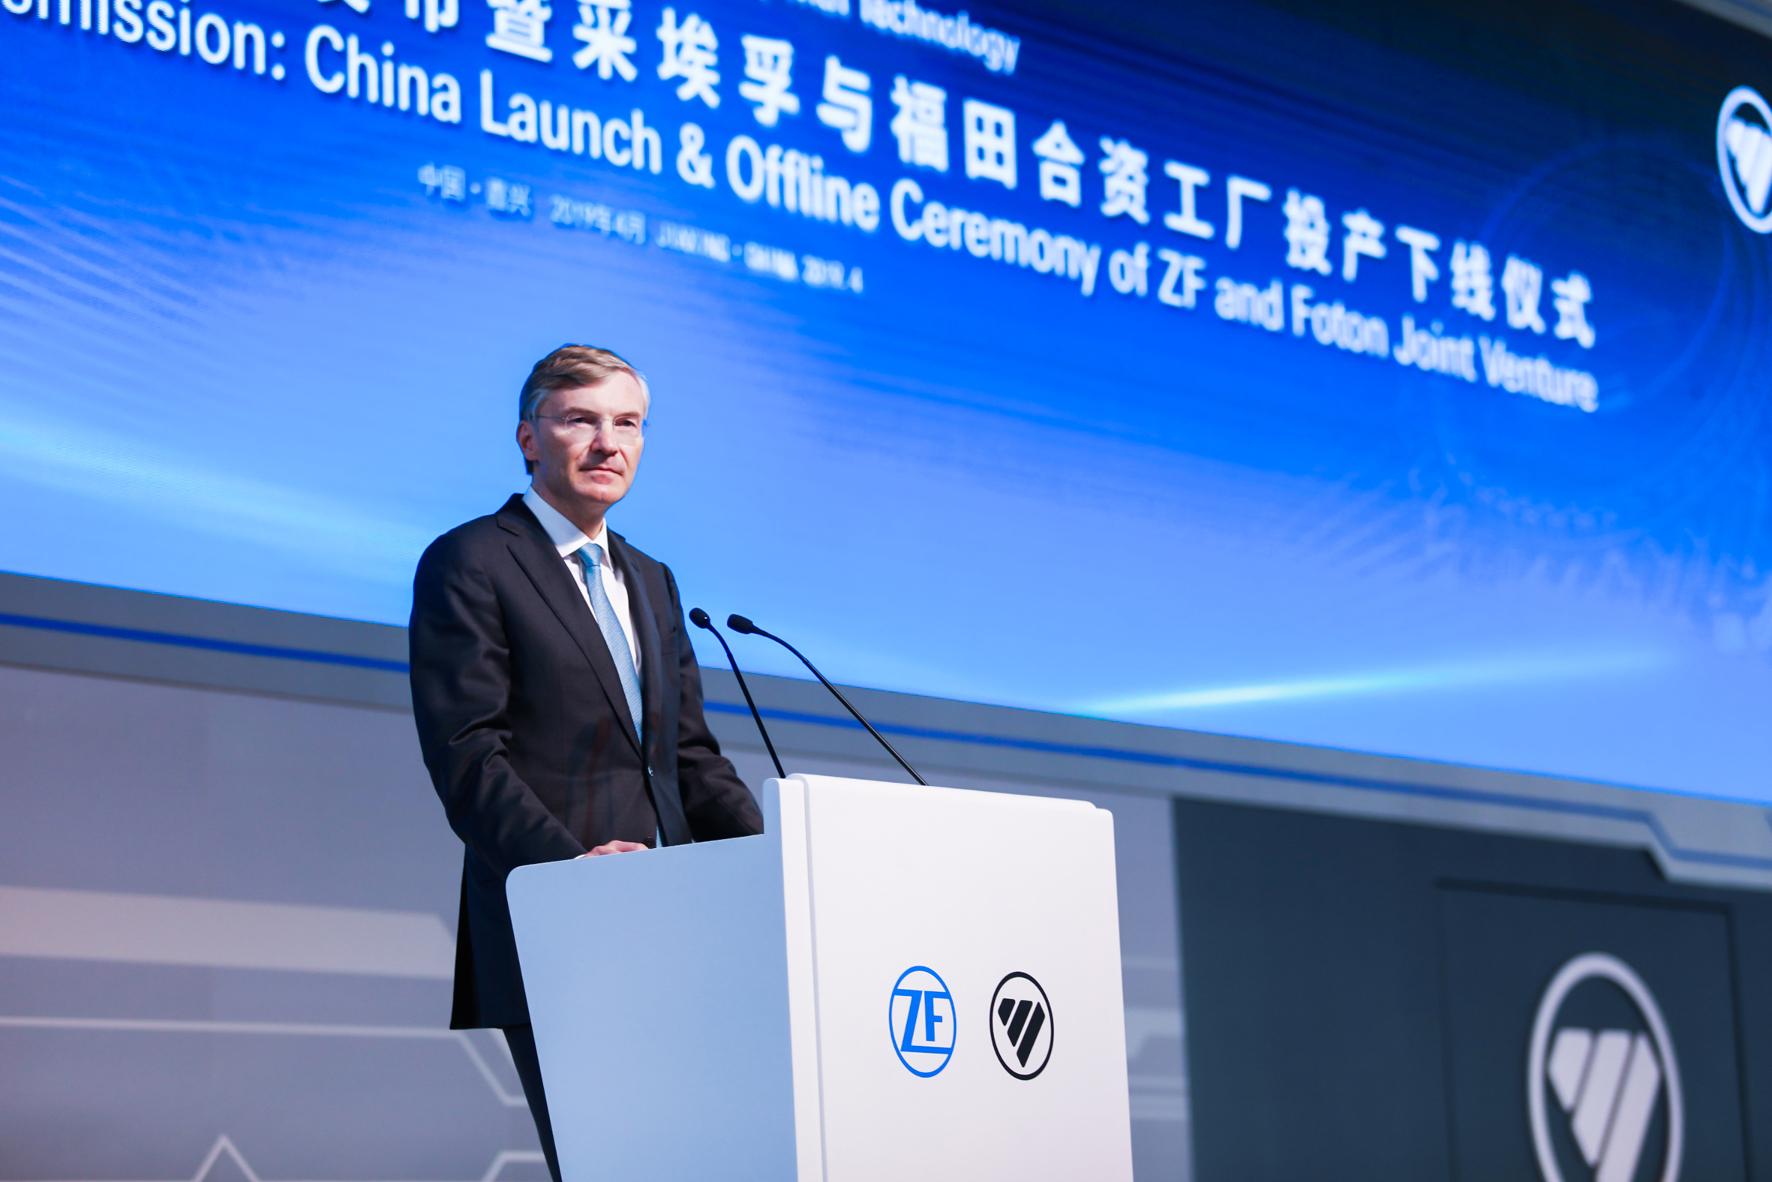 mid Groß-Gerau - Wolf-Henning Scheider, Vorsitzender des Vorstands der ZF Friedrichshafen AG, eröffnet die Joint-Venture-Fabrik von ZF und Foton in Jiaxing (China). ZF